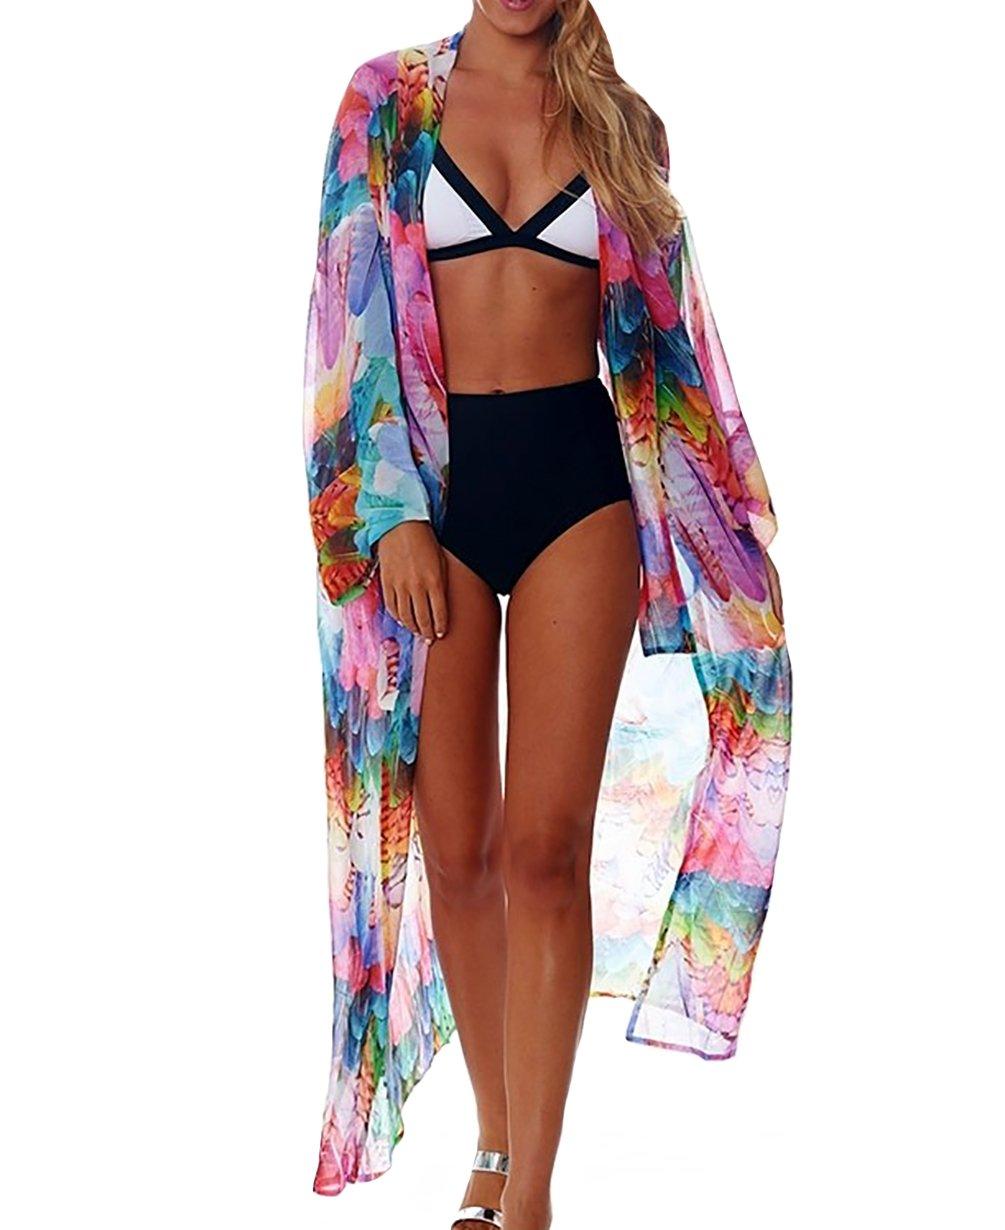 MeiLing Women's Printed Bathing Suit Cover up Dress Semi-Sheer Chiffon Kimono Cardigan Beachwear (Feather B)